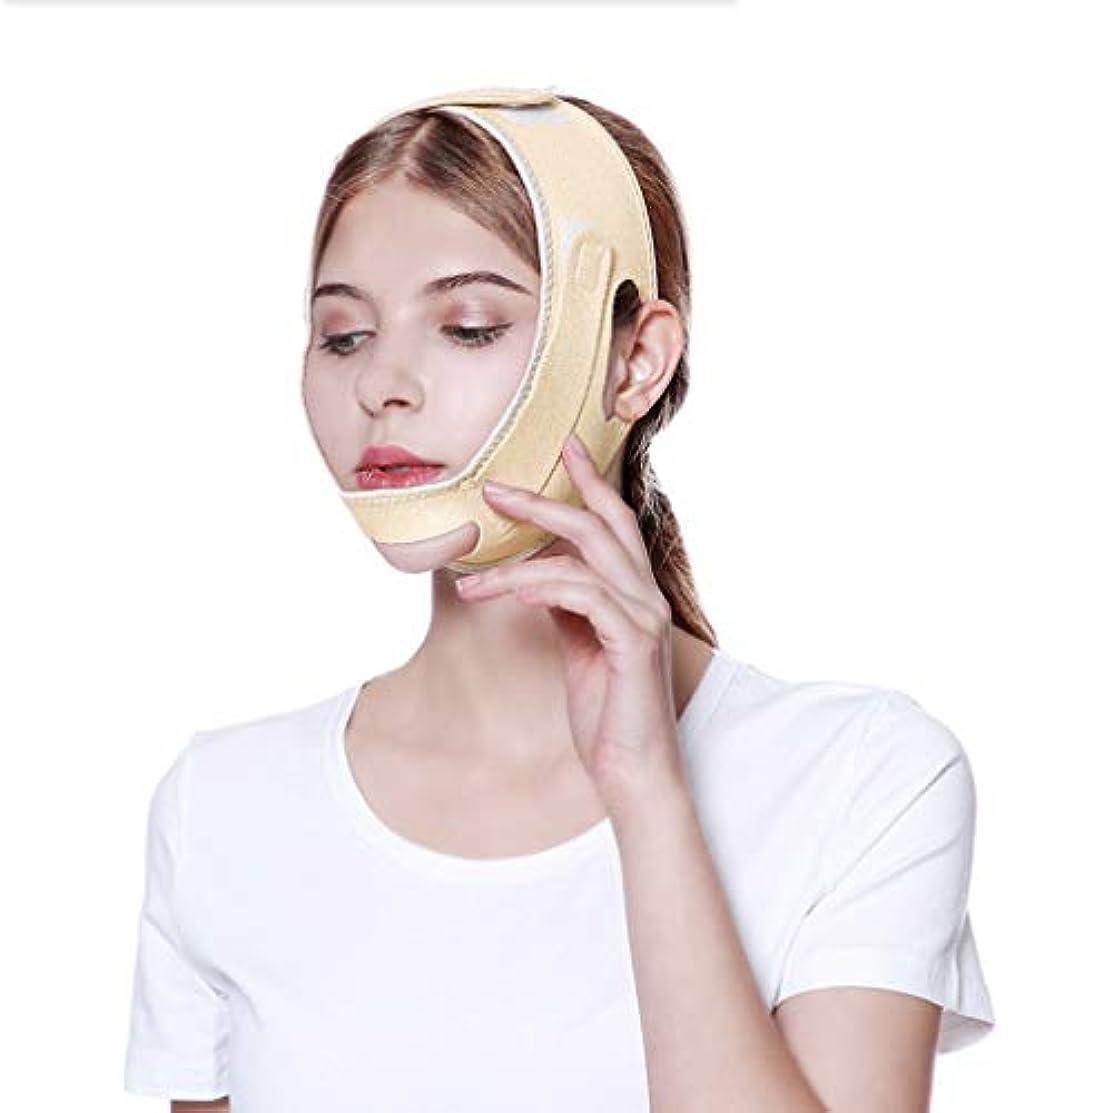 投票性別予算顔面重量損失顔包帯 v 顔楽器顔ツールマスクライン彫刻手術回復ヘッドギアダブルあご